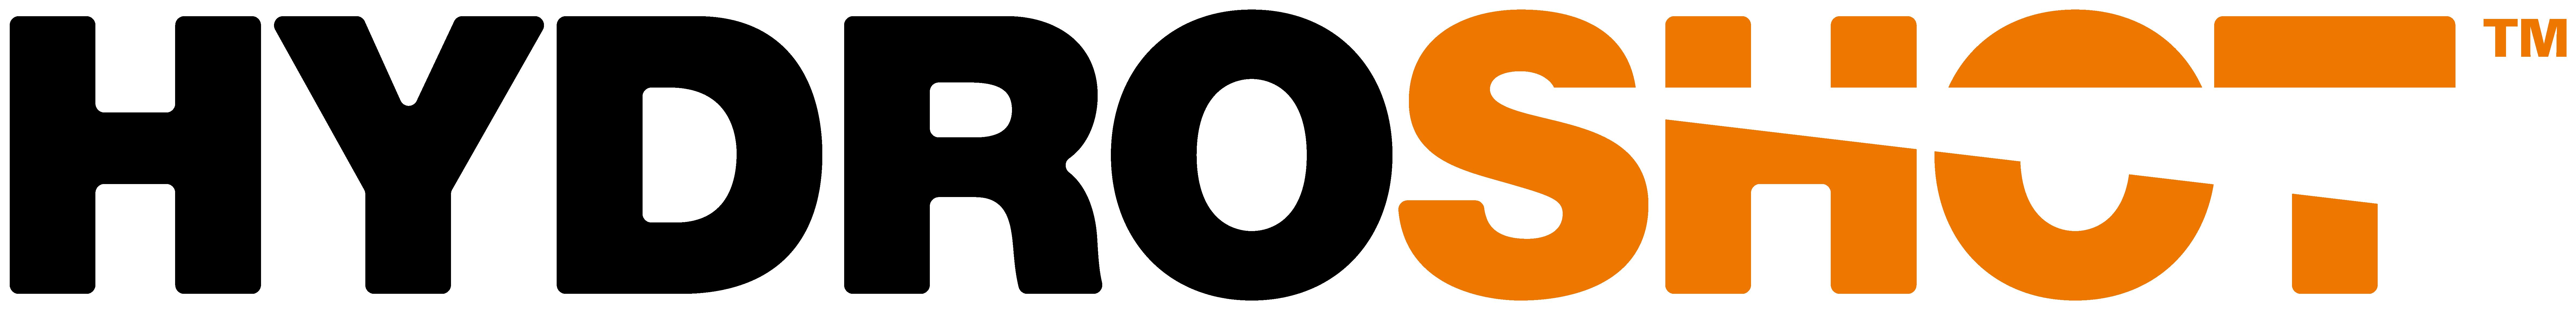 hydroshot_black_logo